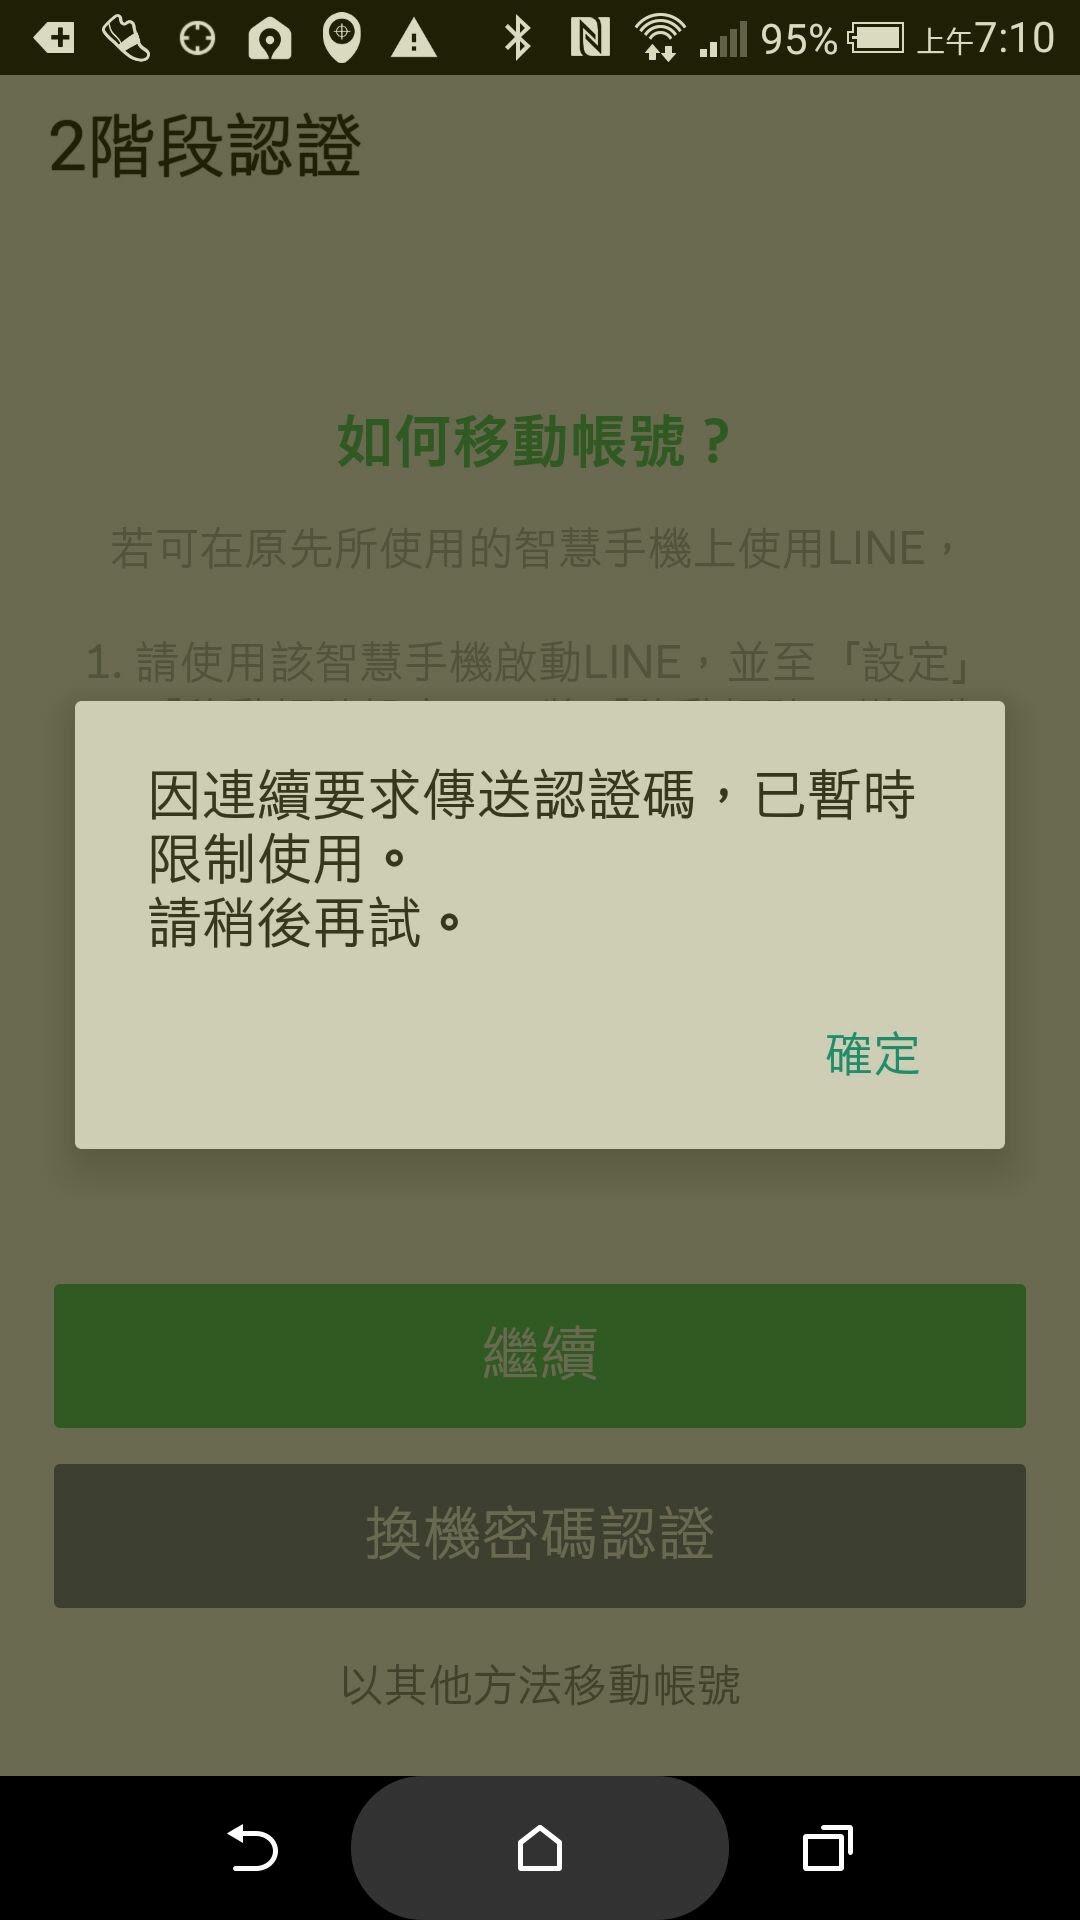 因連續要求傳送驗證碼,已暫時限制使用